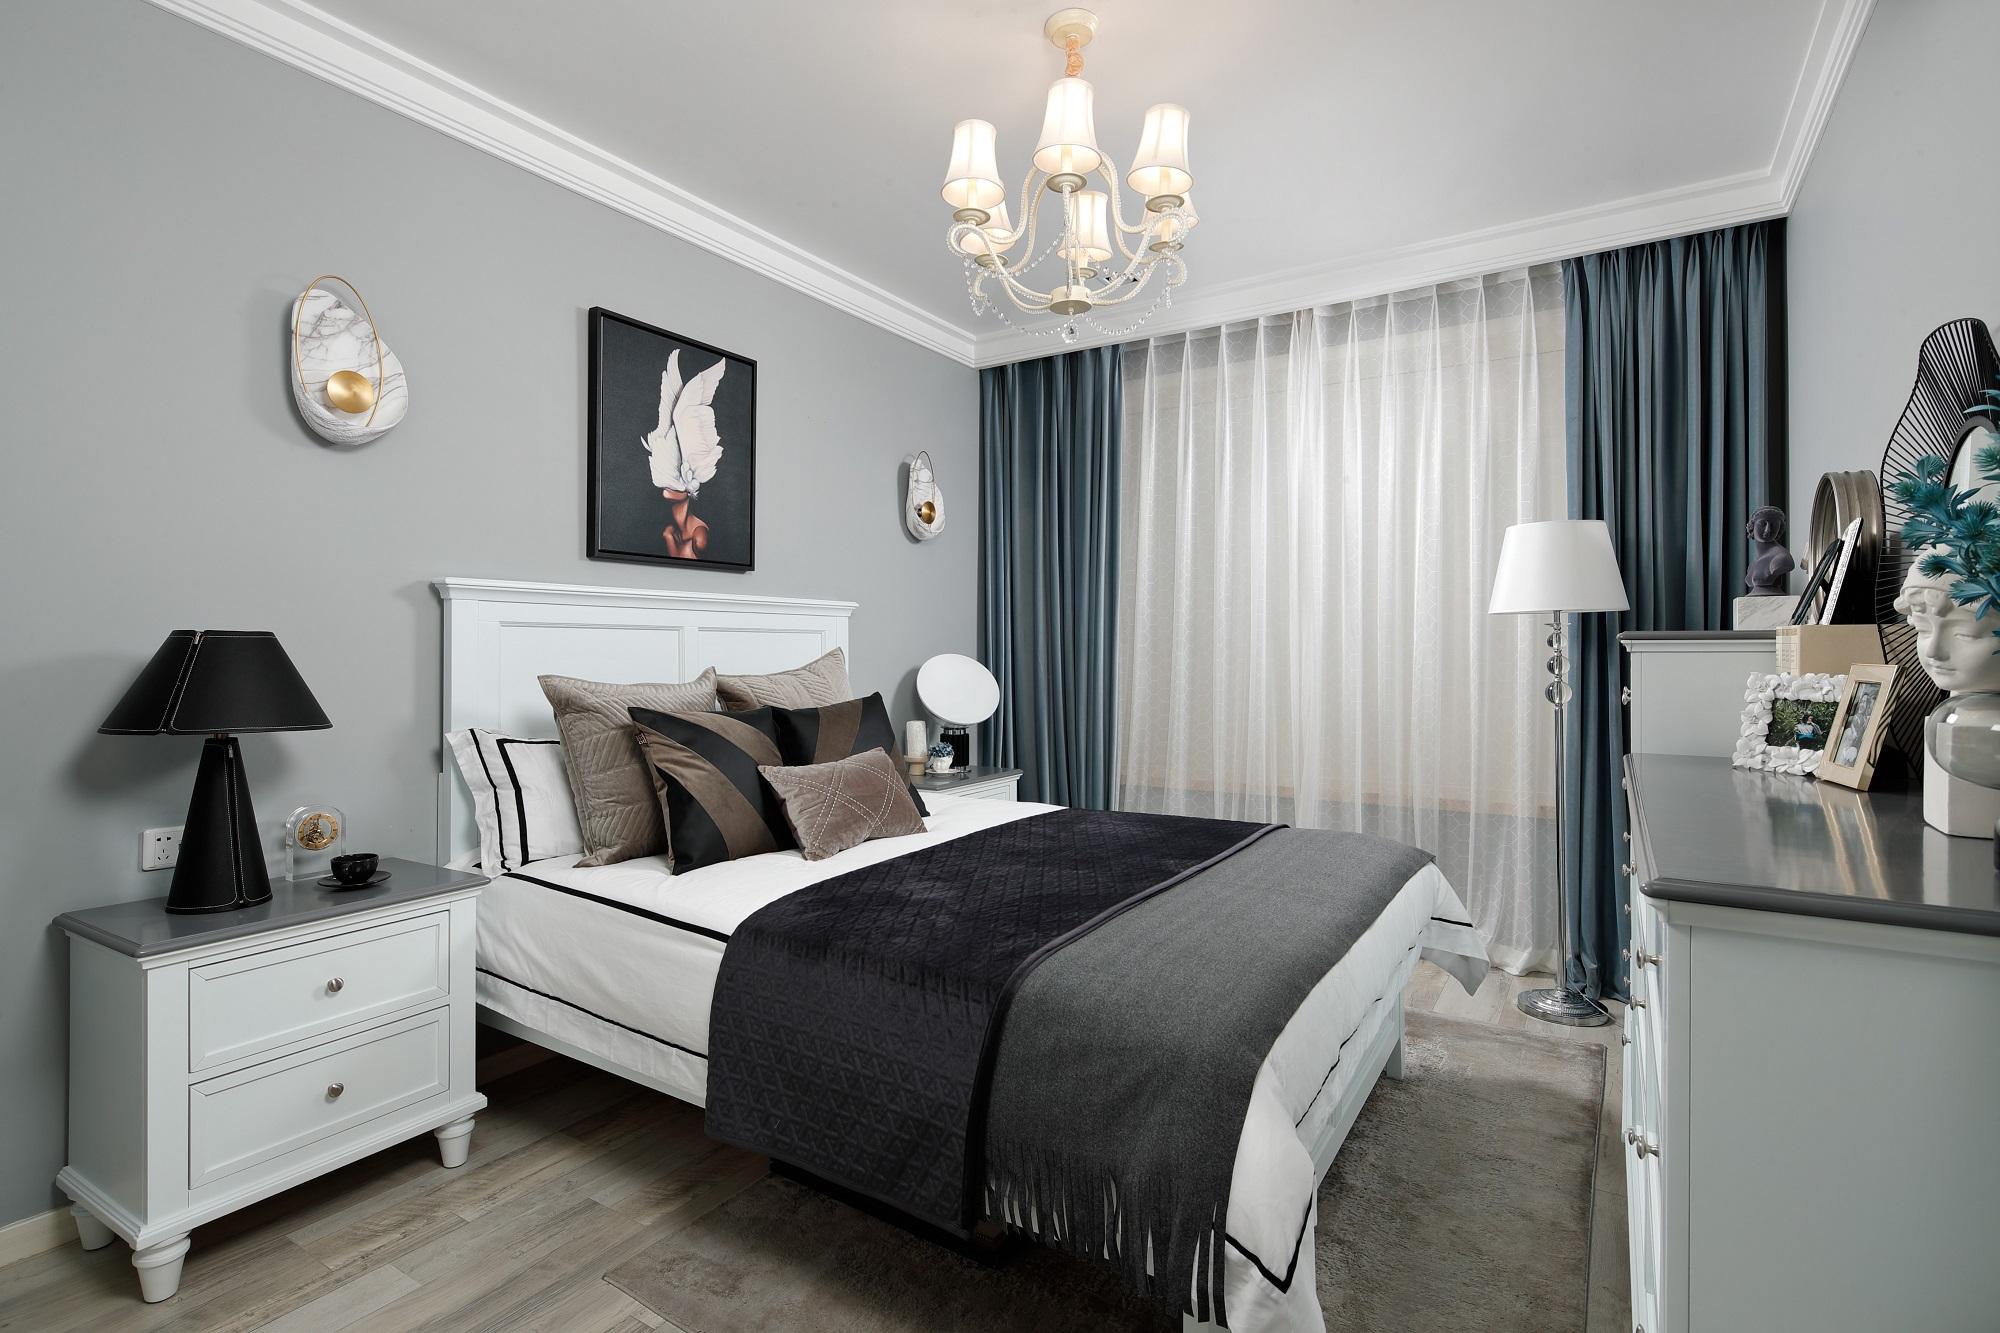 卧室的设计去掉了冷硬的大理石,选择了木质地板,营造出稳重而温馨的氛围。